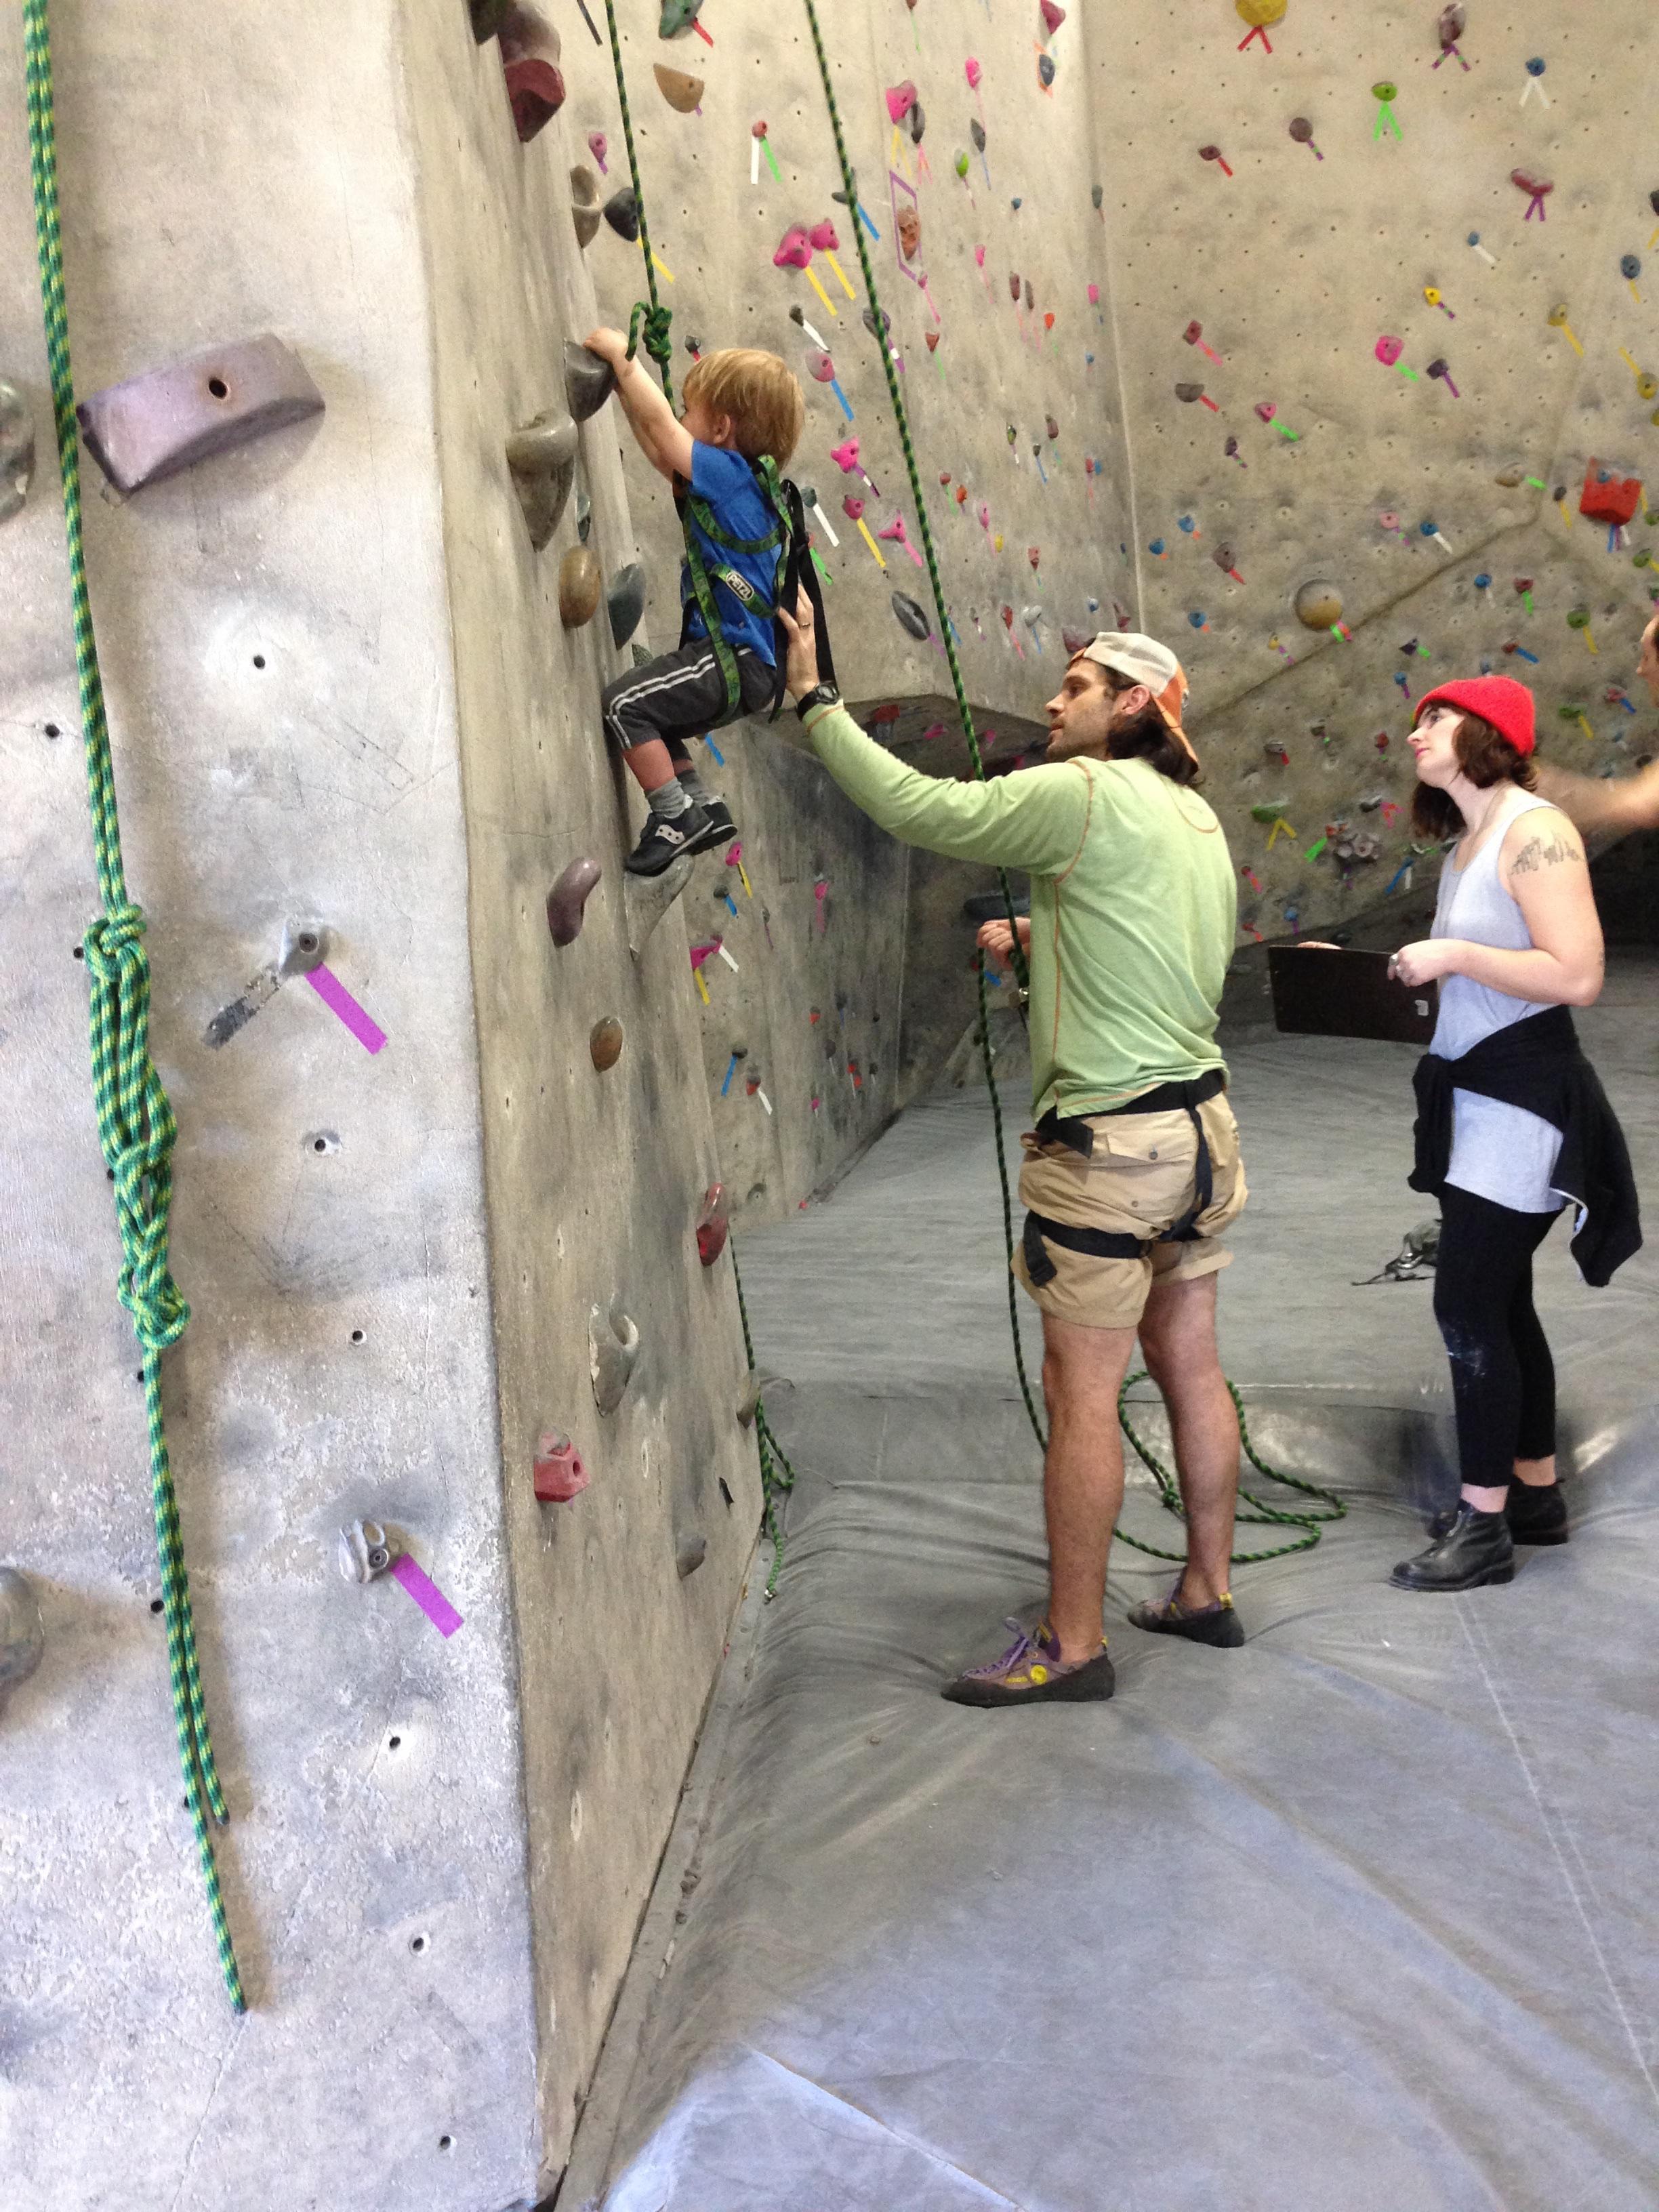 Arlo_Indoor_Climbing 3.jpg